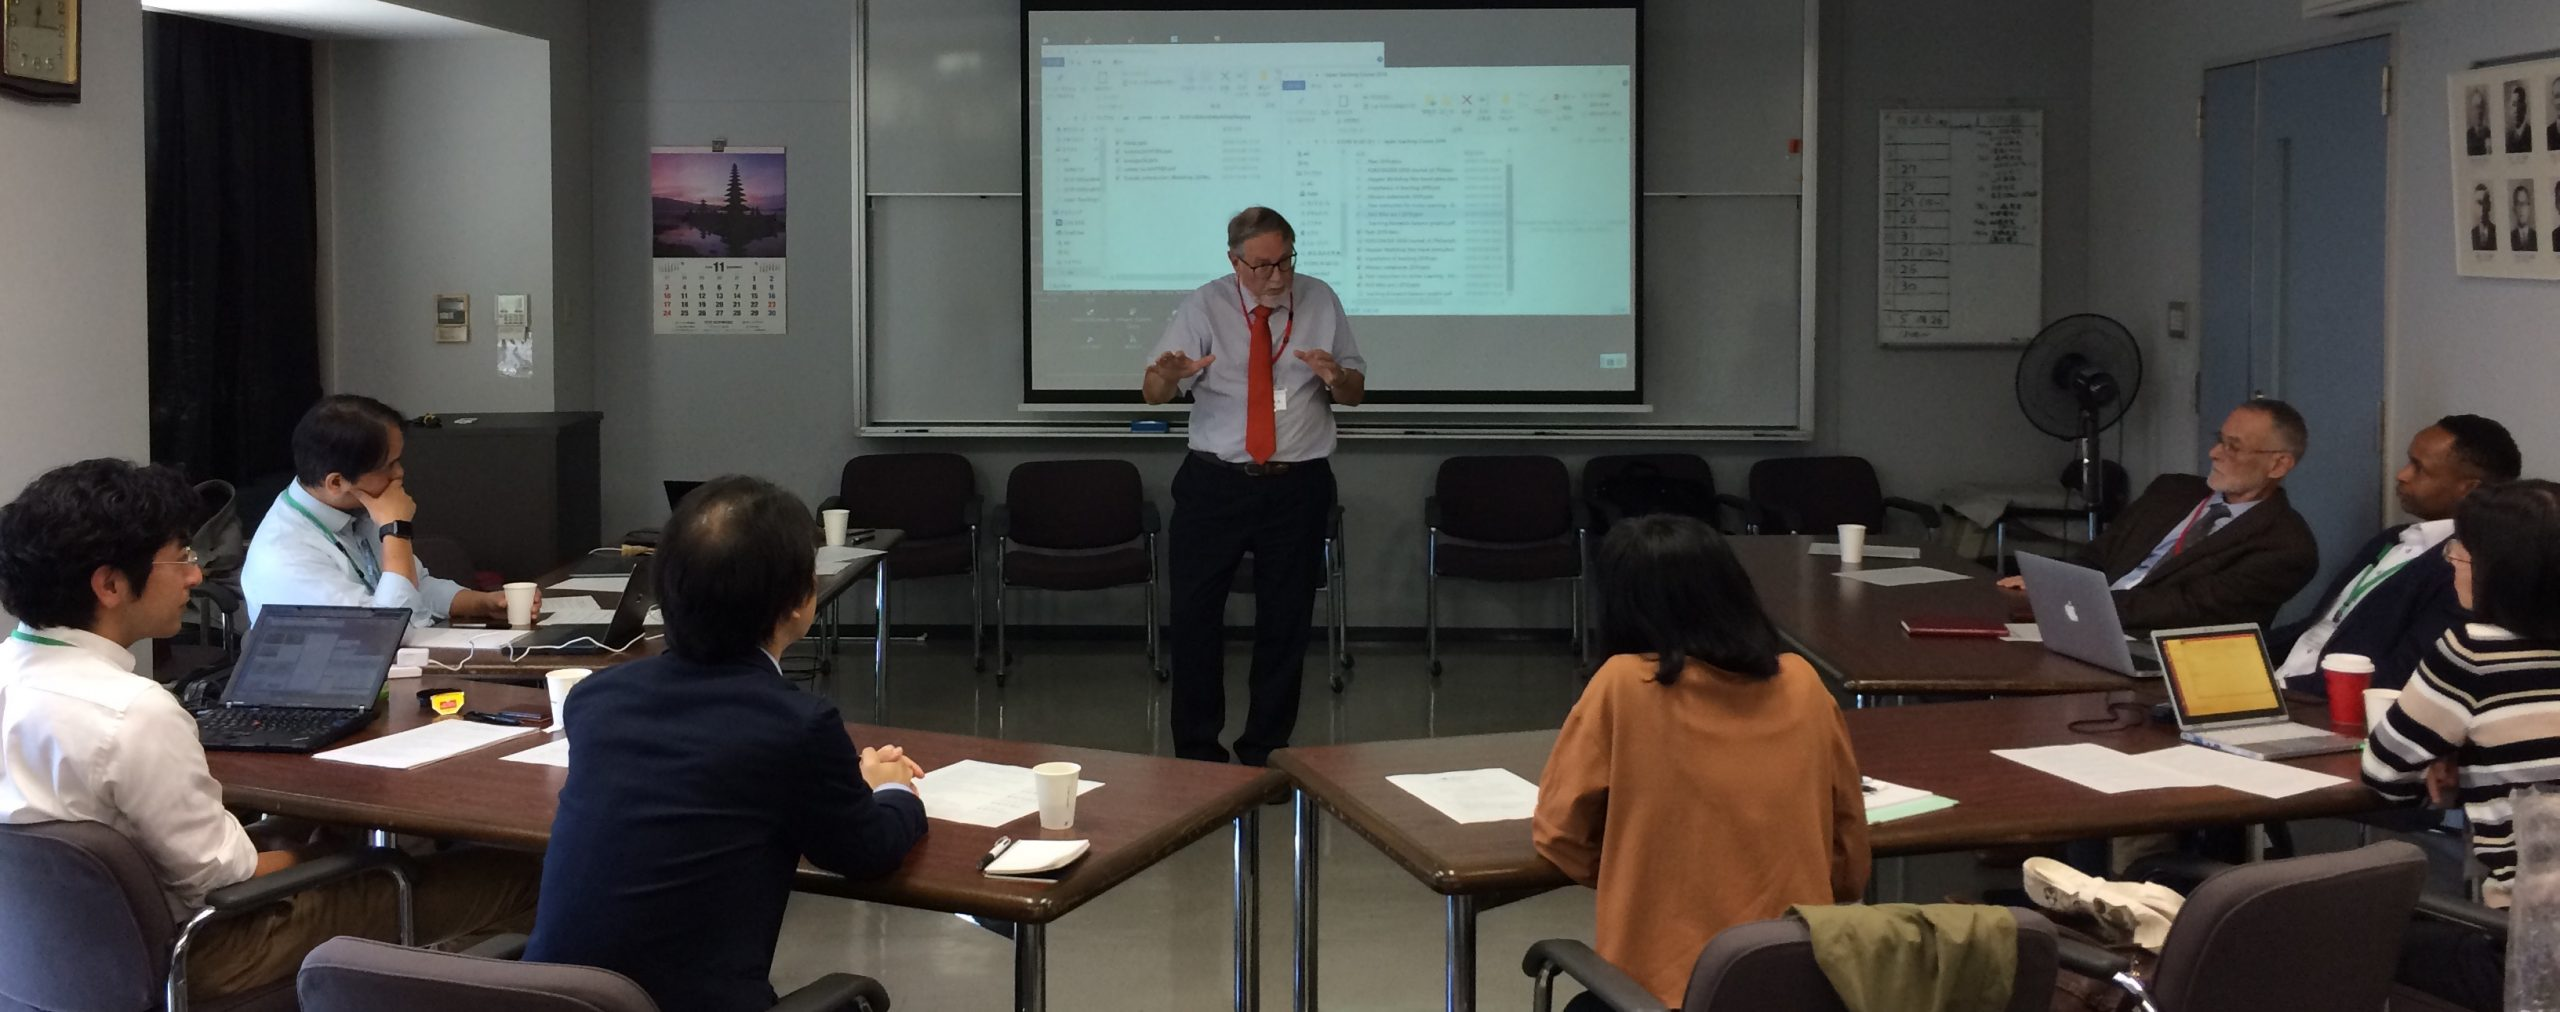 Innovative Teaching Workshop at Nagoya University